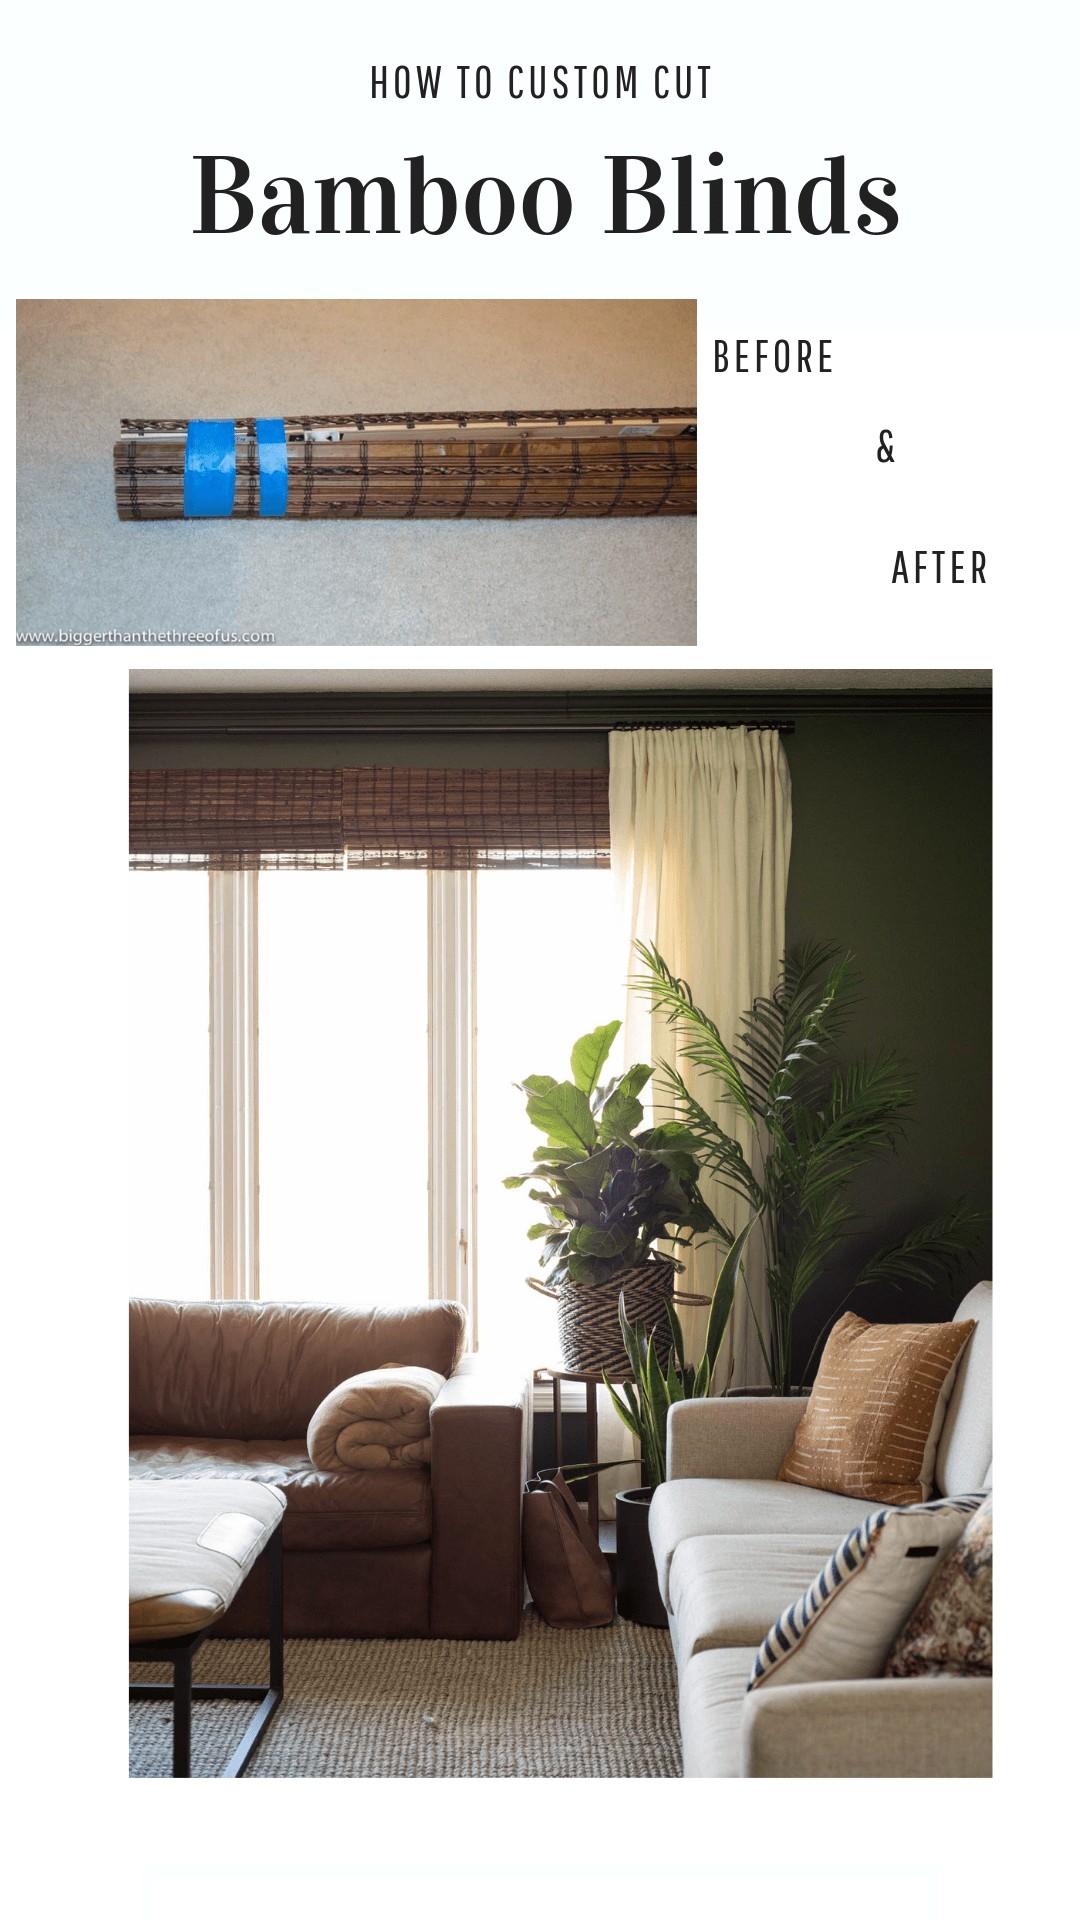 Custom cut bamboo blinds